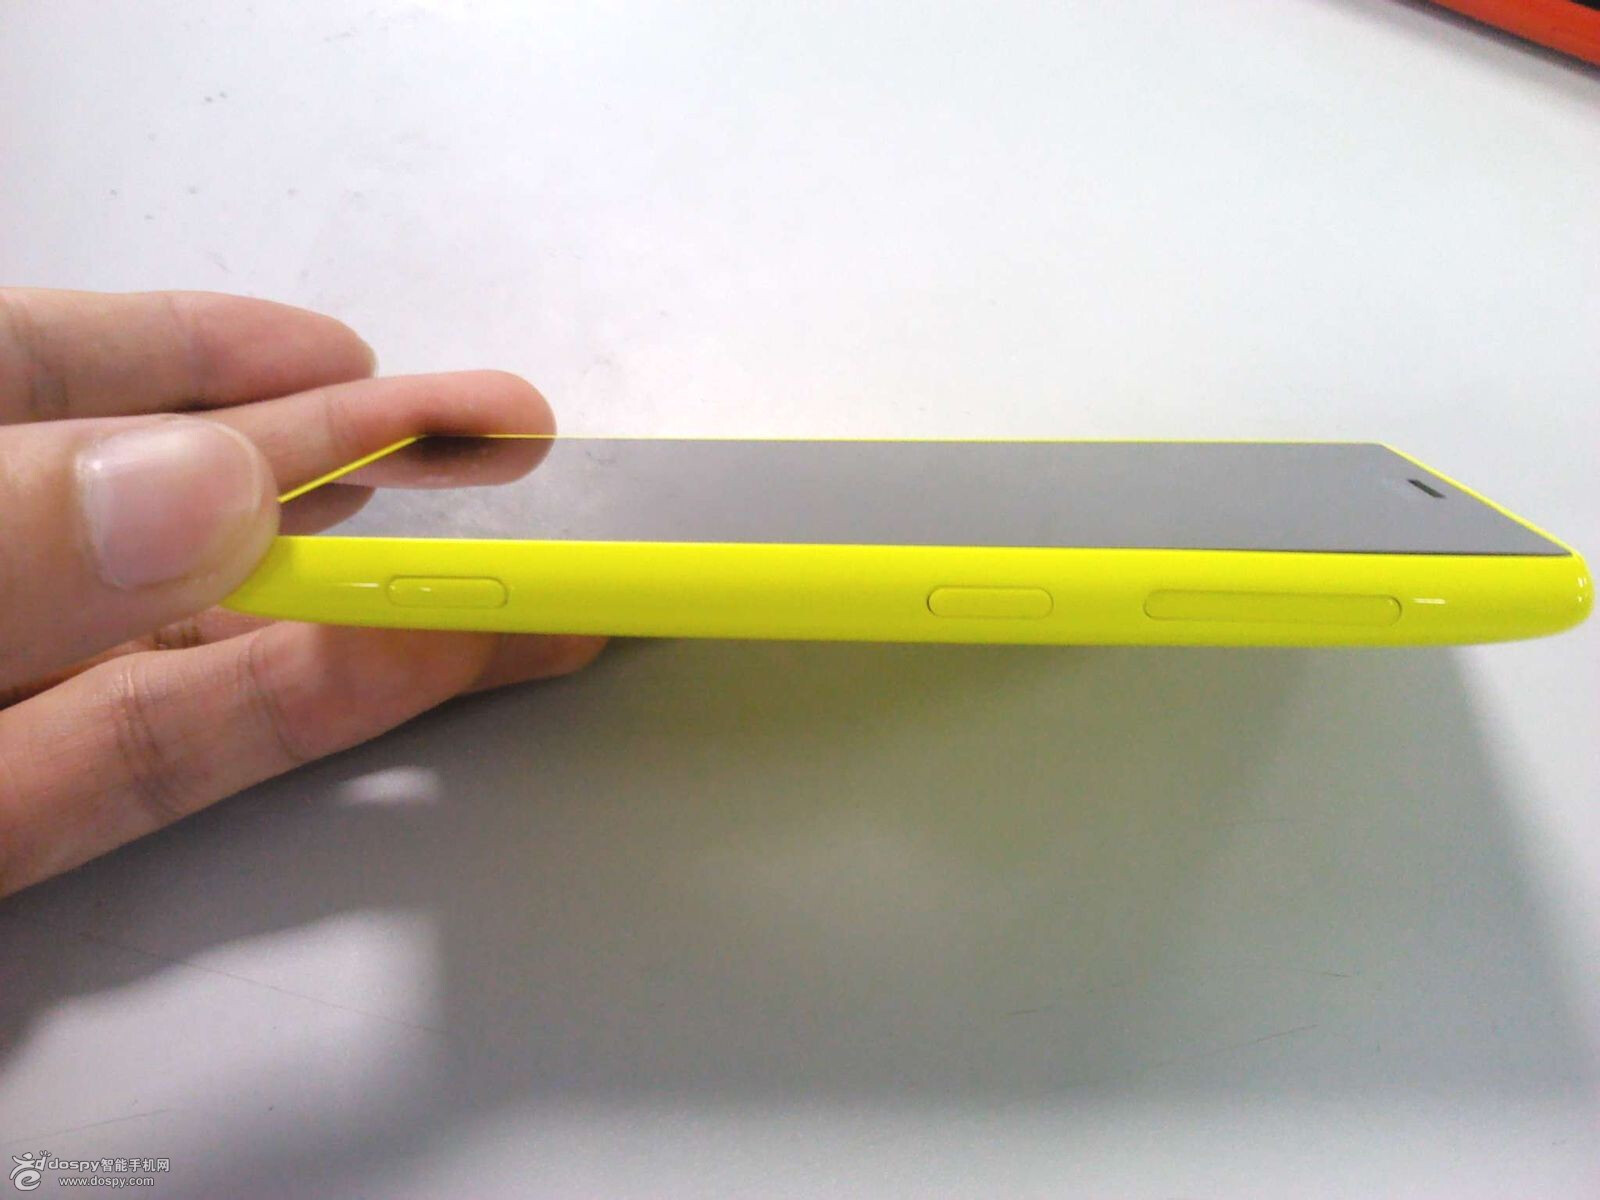 Nokia lumia 830 t mobile - Pictures Of The Nokia Lumia 830